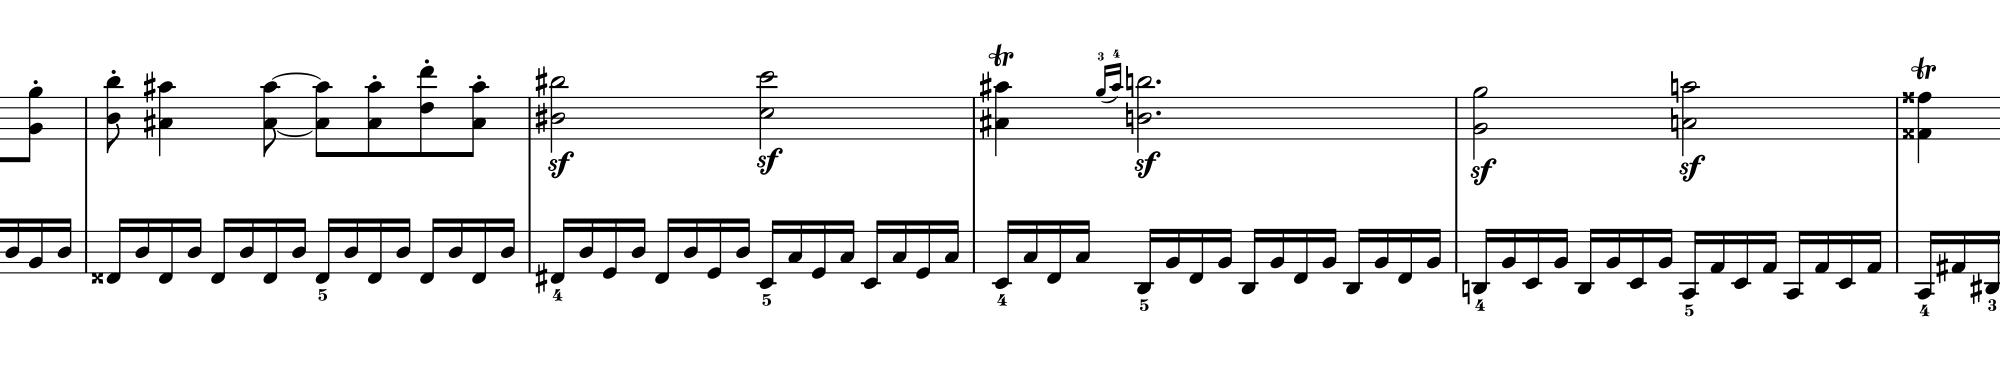 Part_6_150